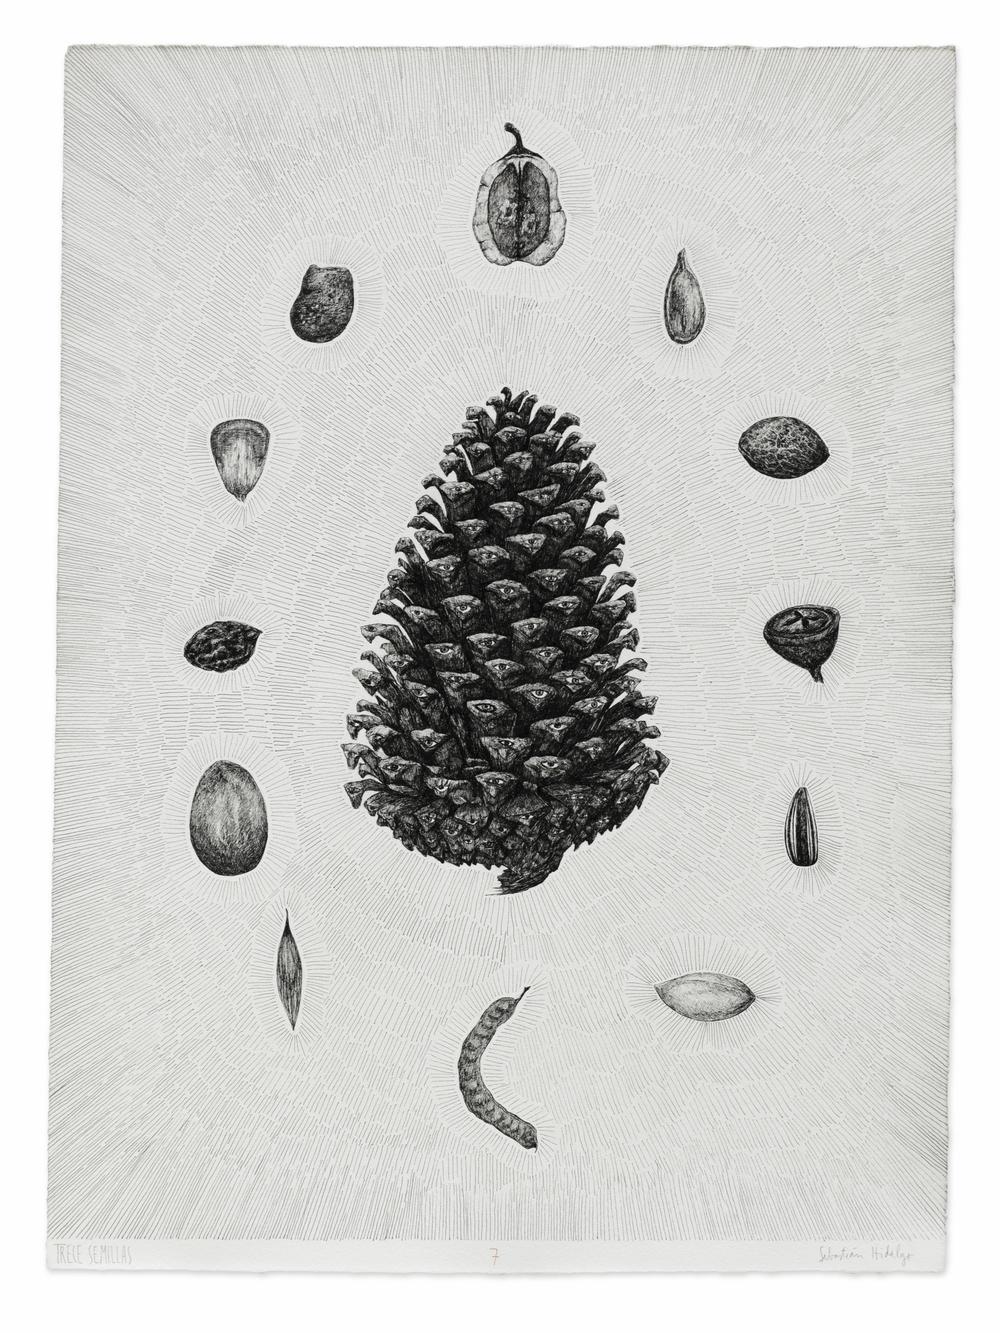 Trece semillas/7, 2015, Ink on paper, 53 x 39 cm